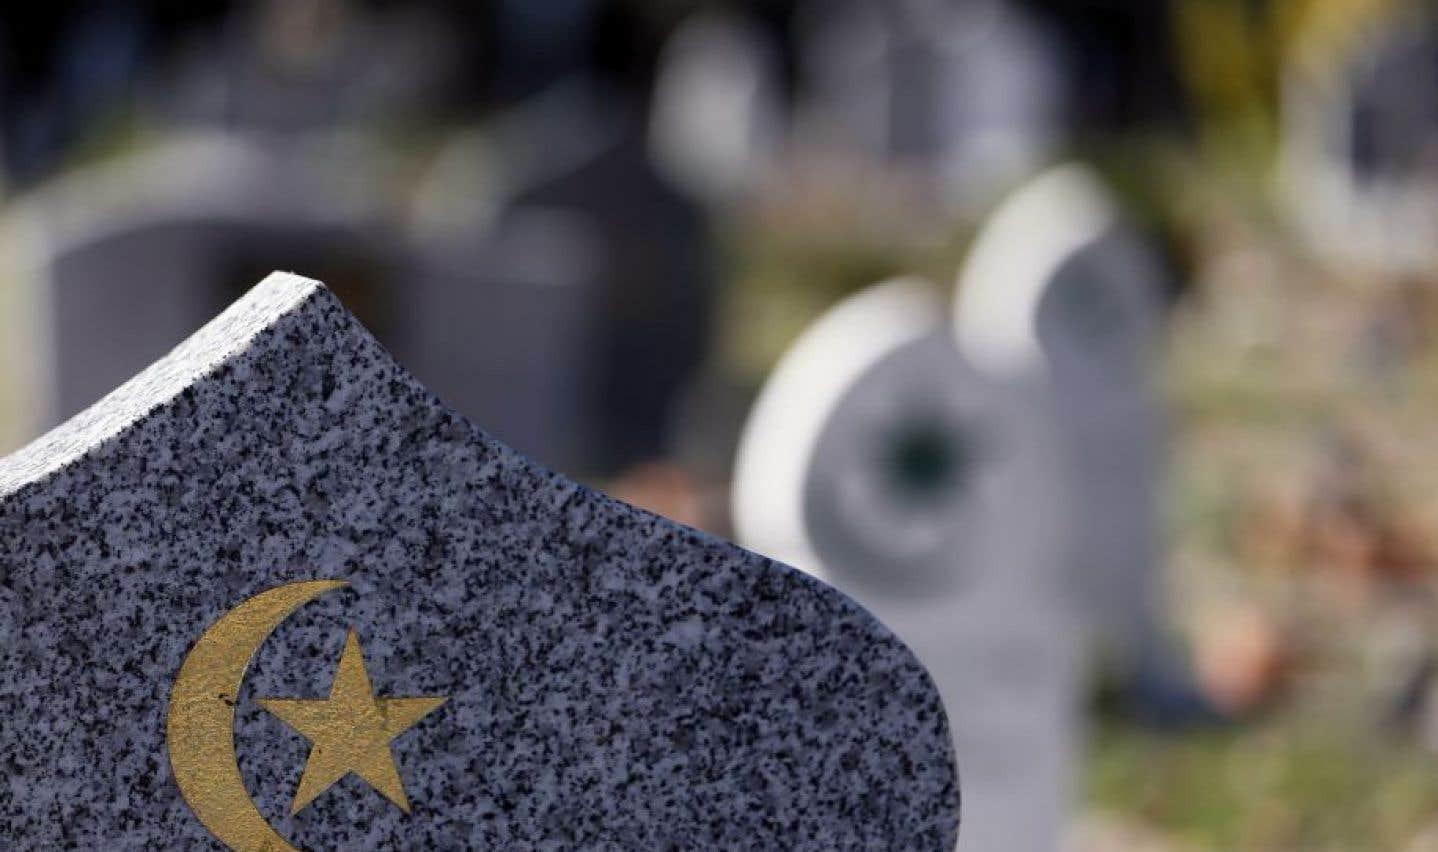 Le projet de cimetière musulman à Saint-Apollinaire est rejeté